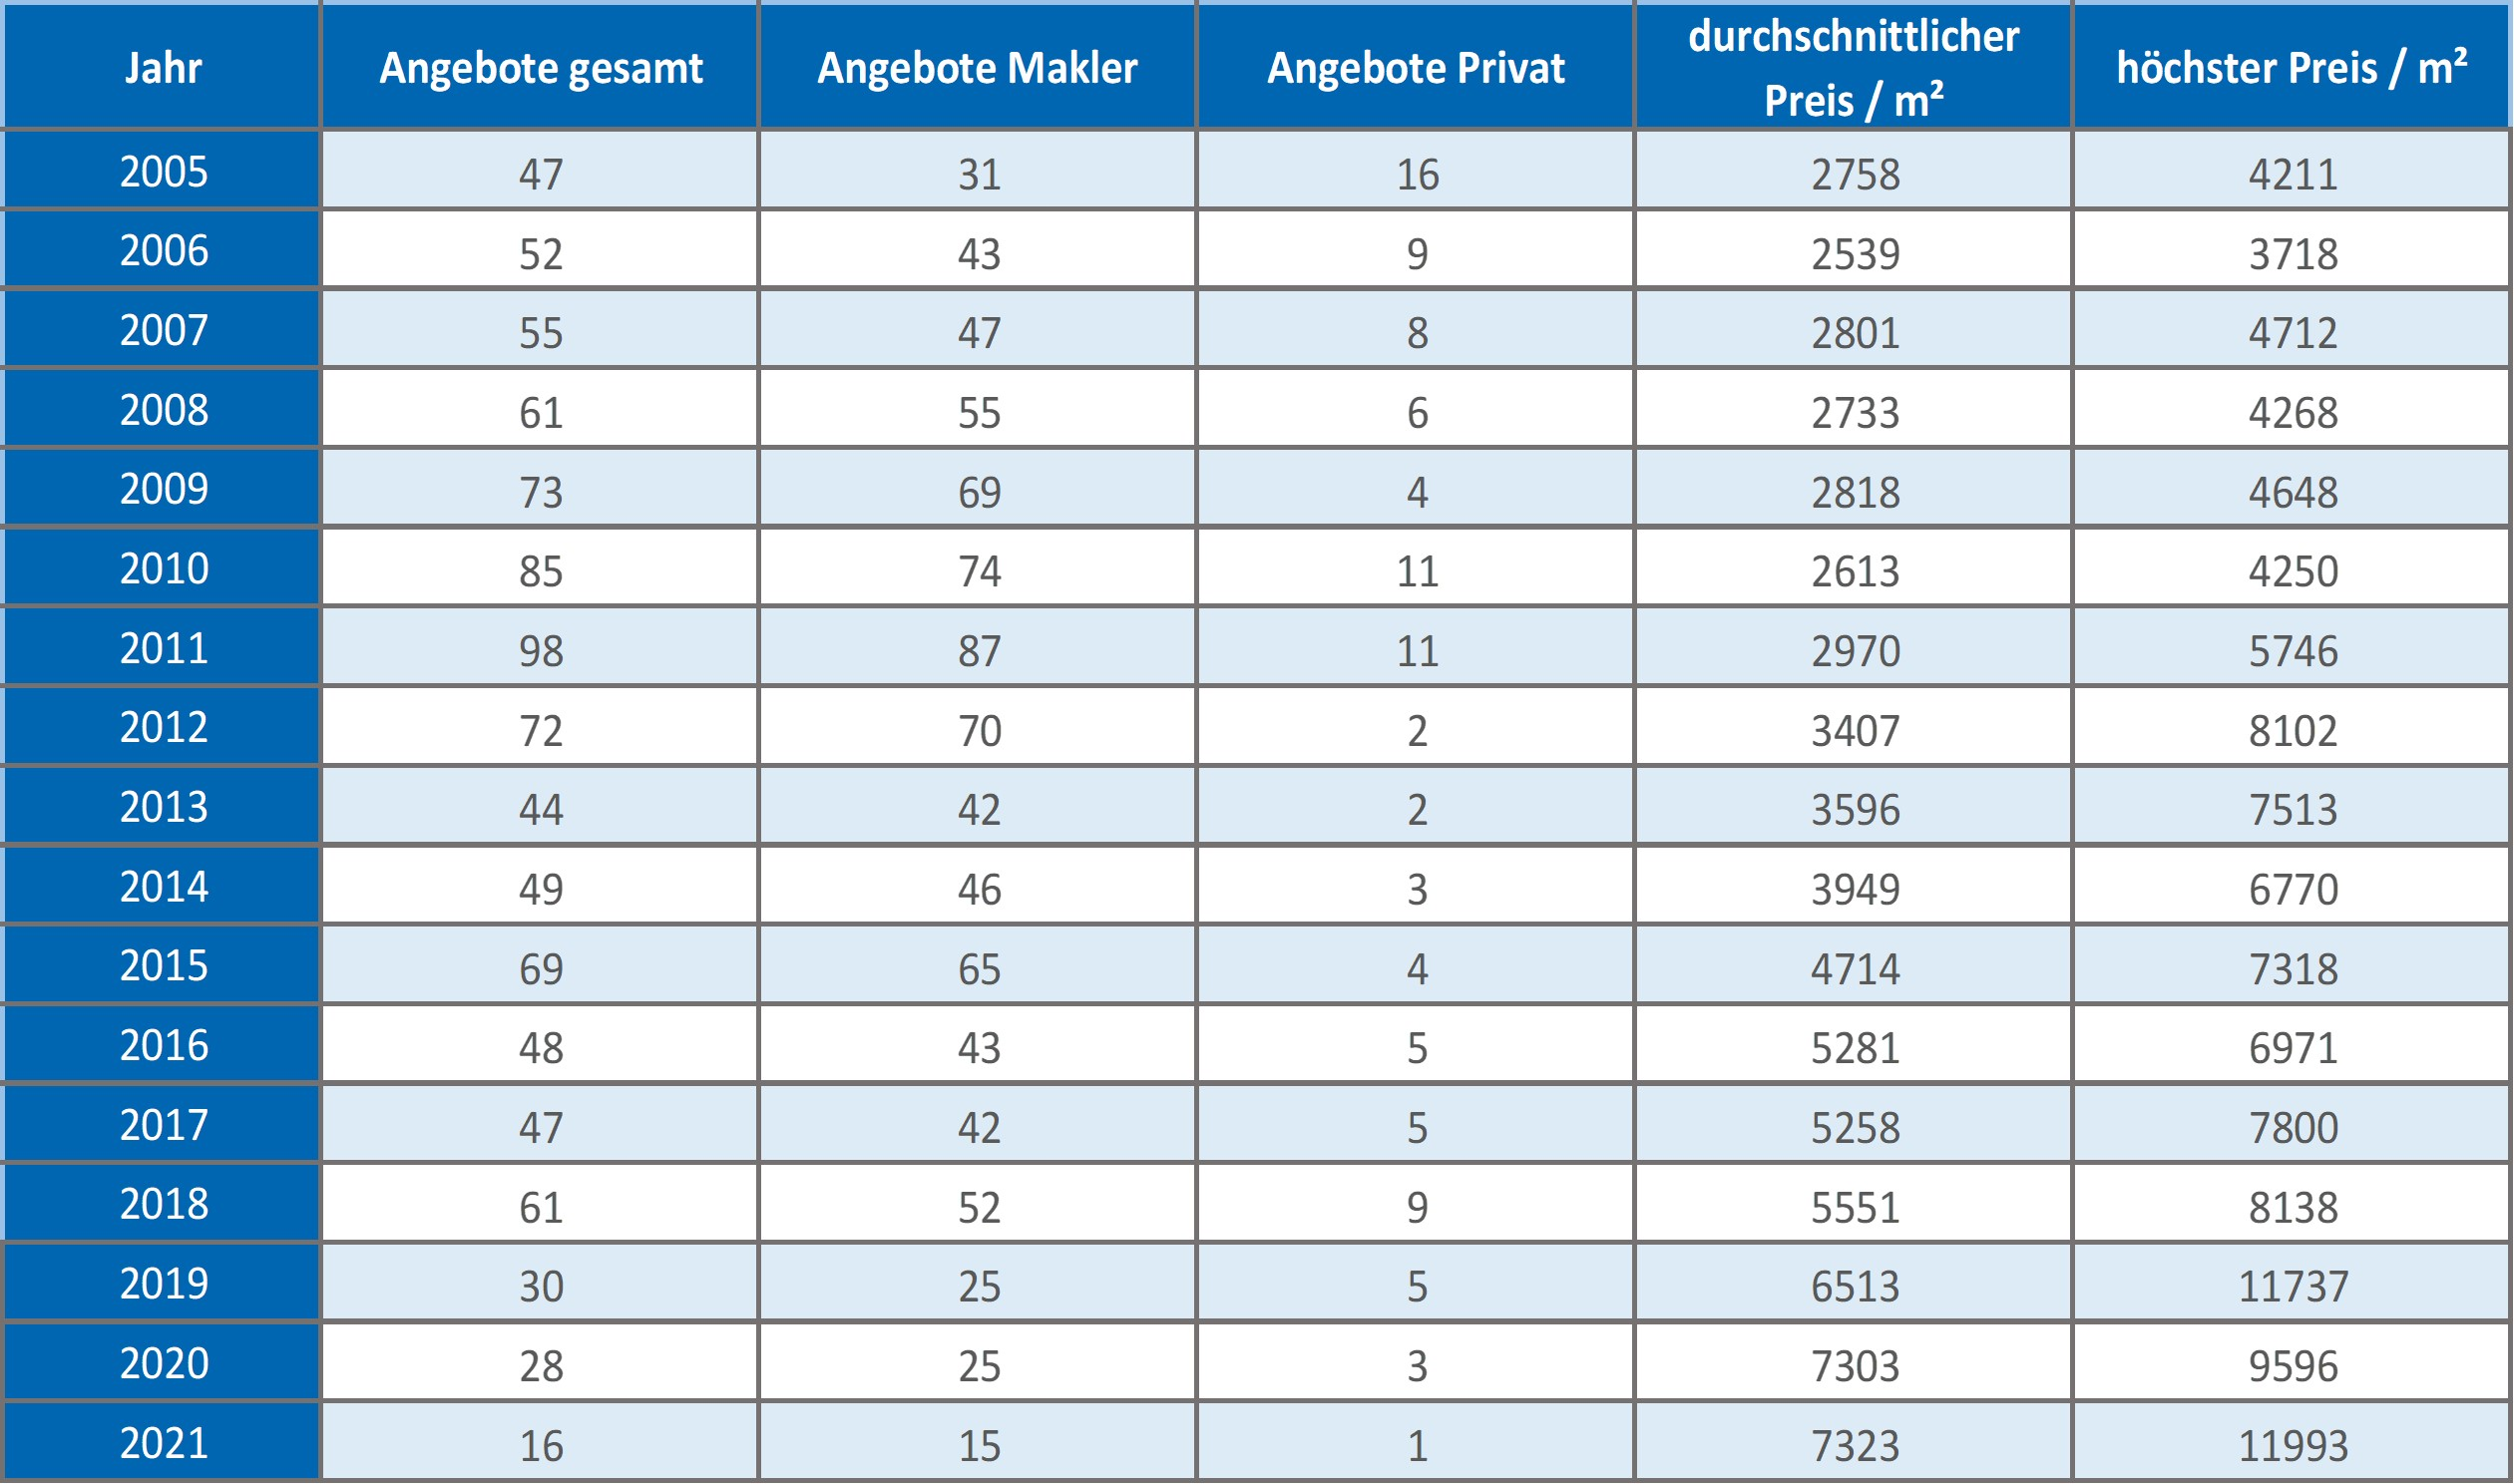 Zorneding-Haus-kaufen-verkaufen-Makler 2019 2020 2021